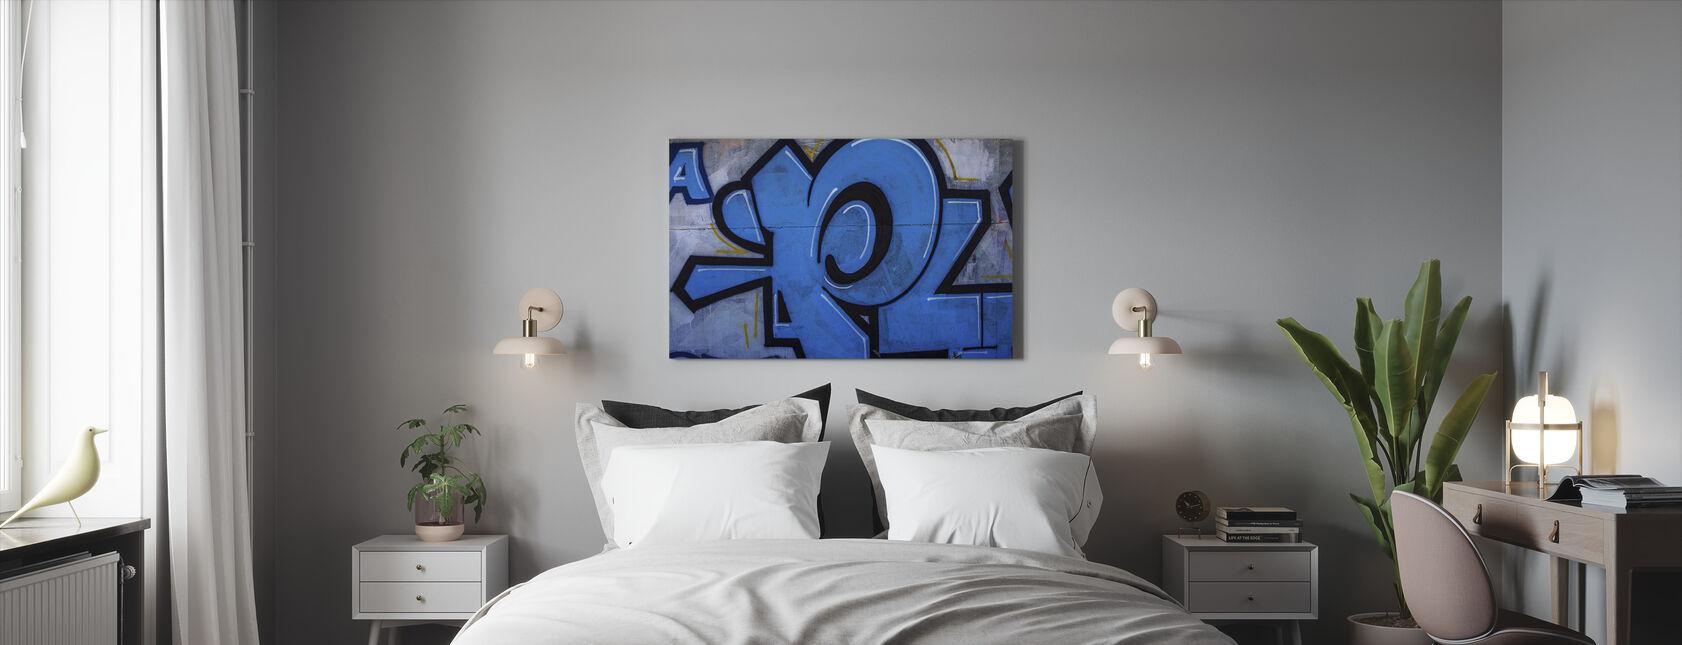 Sininen yksityiskohta graffiti-seinästä - Canvastaulu - Makuuhuone